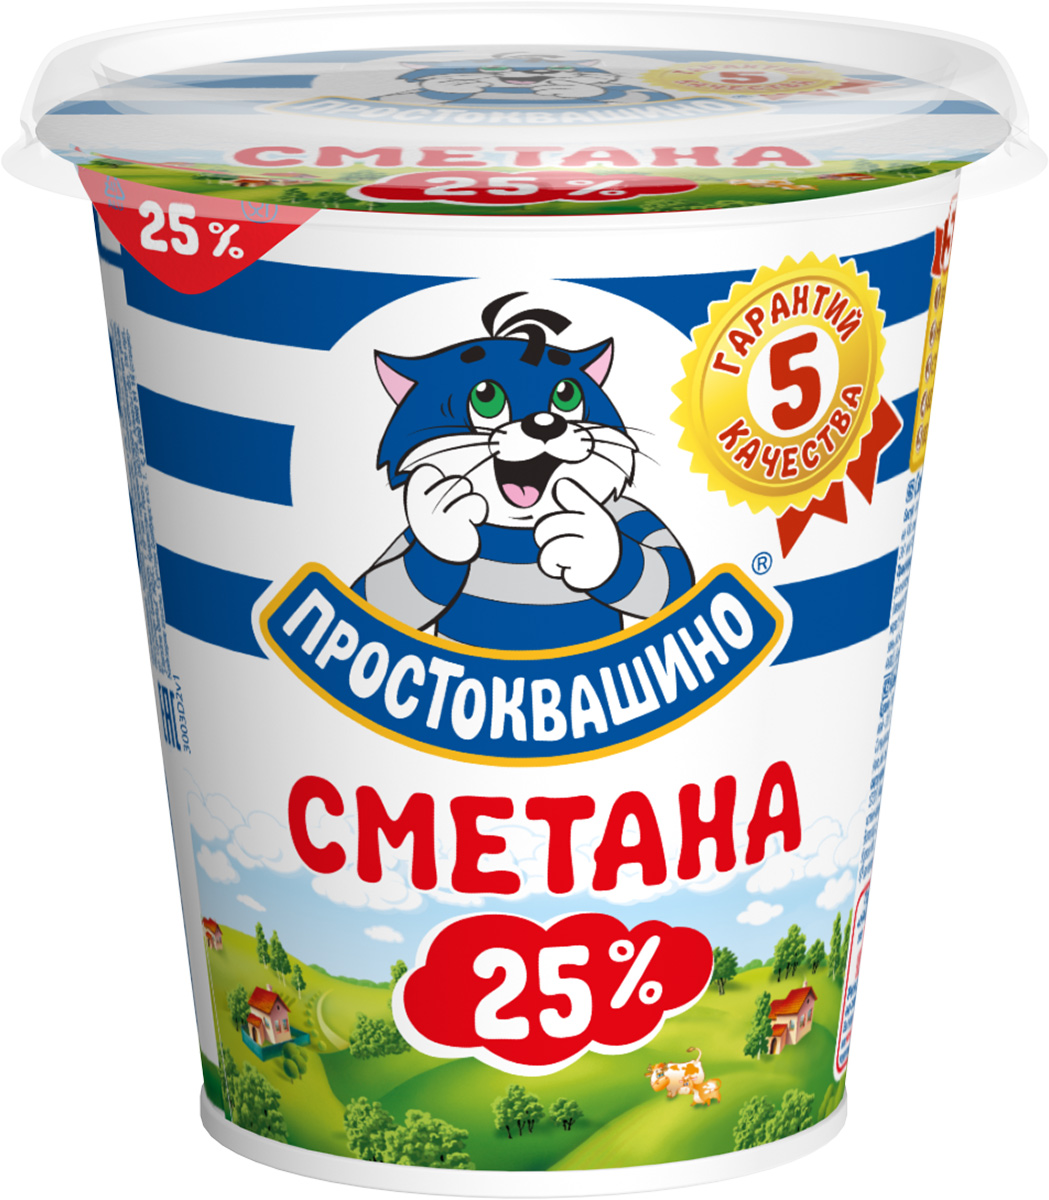 Простоквашино Сметана 25%, 315 г шоколадные годы конфеты ассорти 190 г